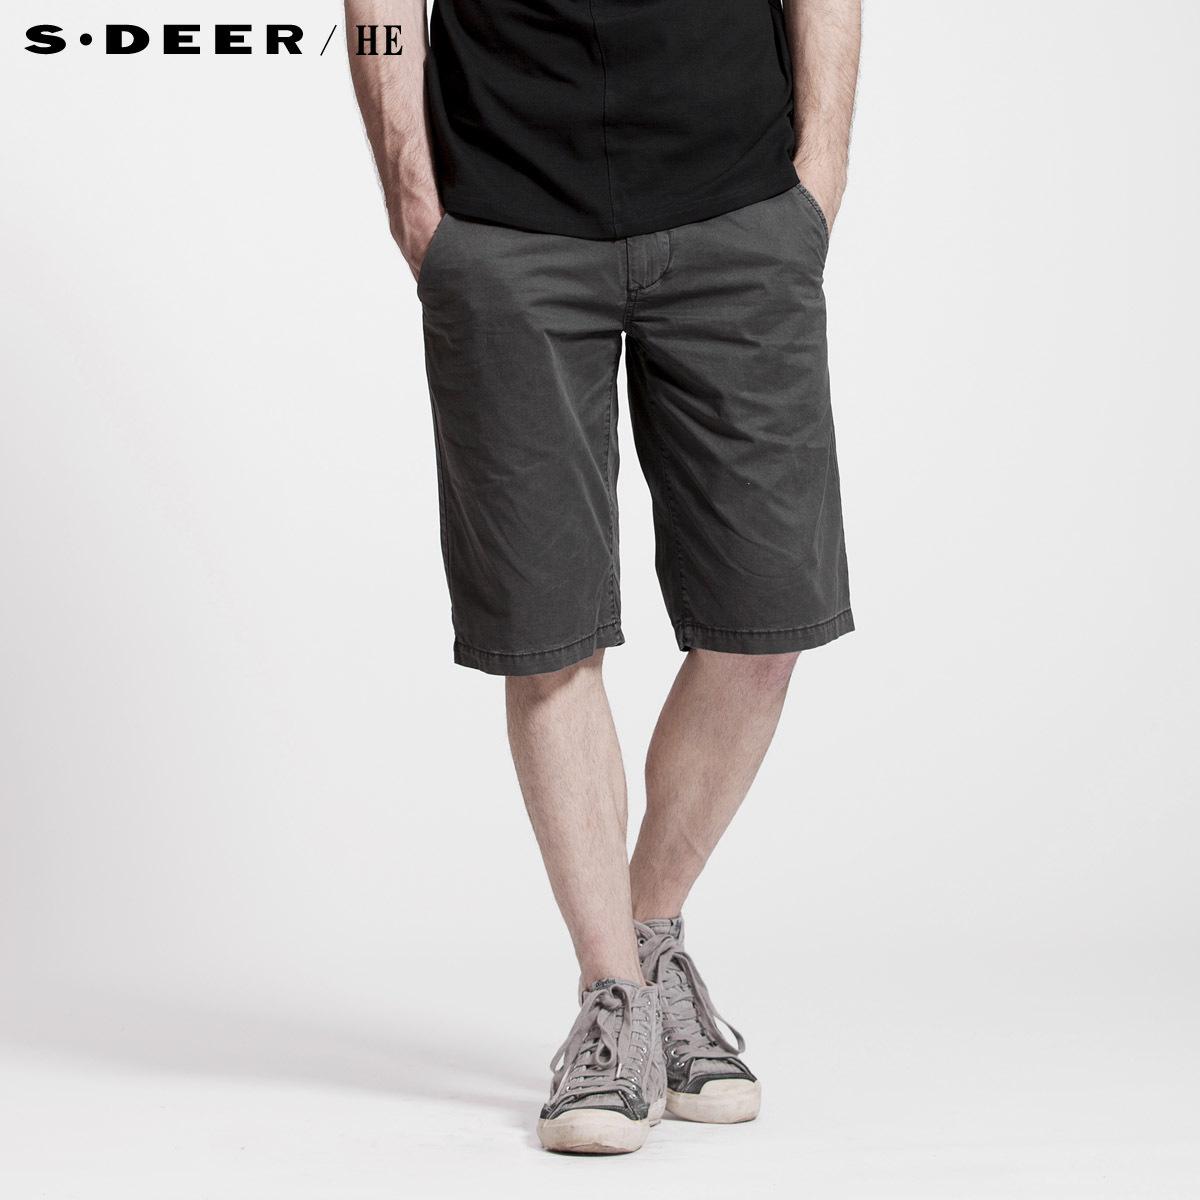 Повседневные брюки S.deer 2270728 Sdeerhe